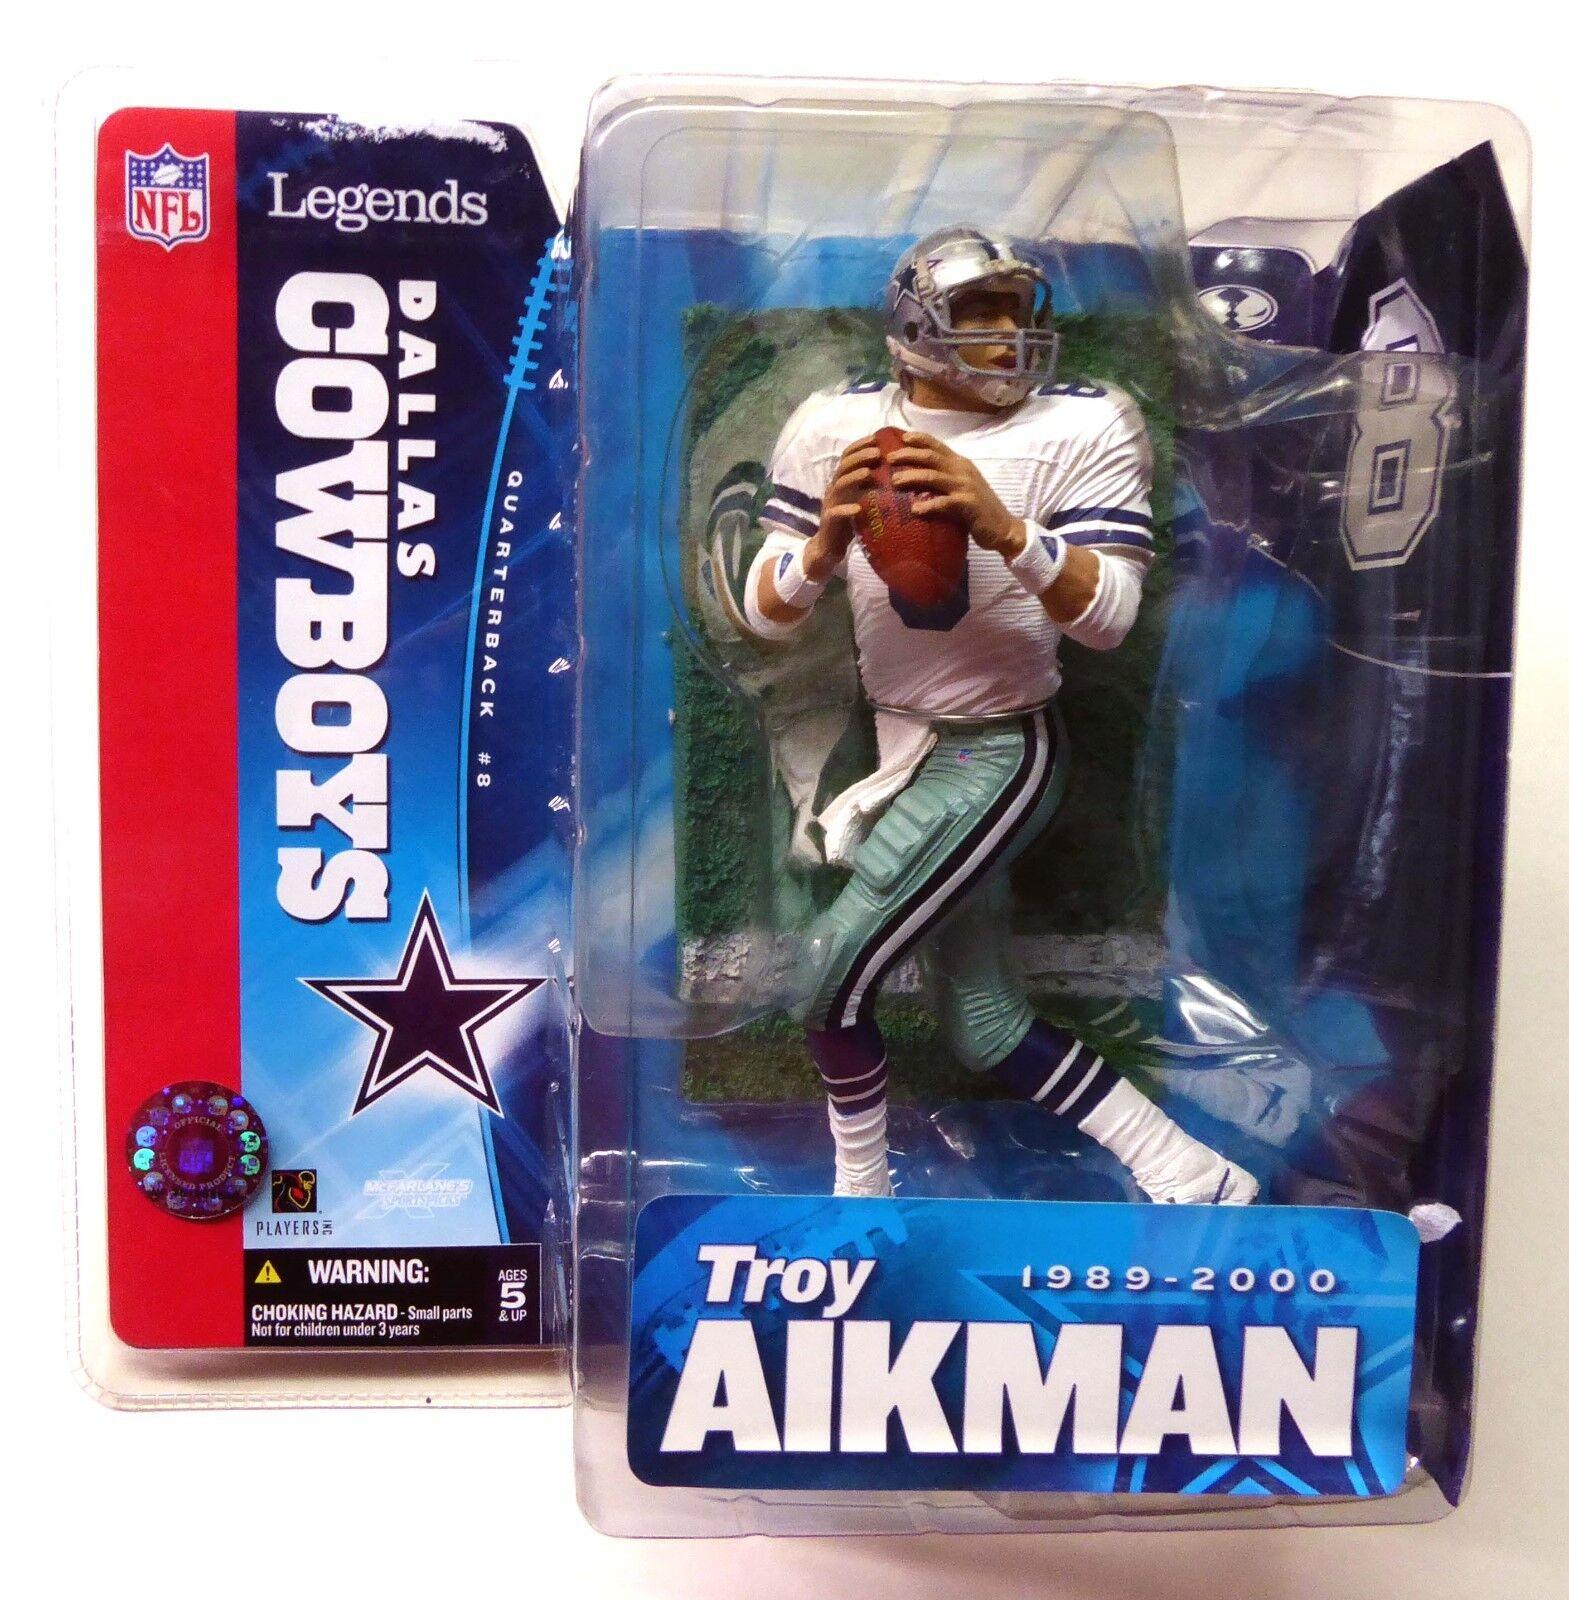 McFarlane Sports Troy Aikman NFL Legends Series 1 QB Figure  2005